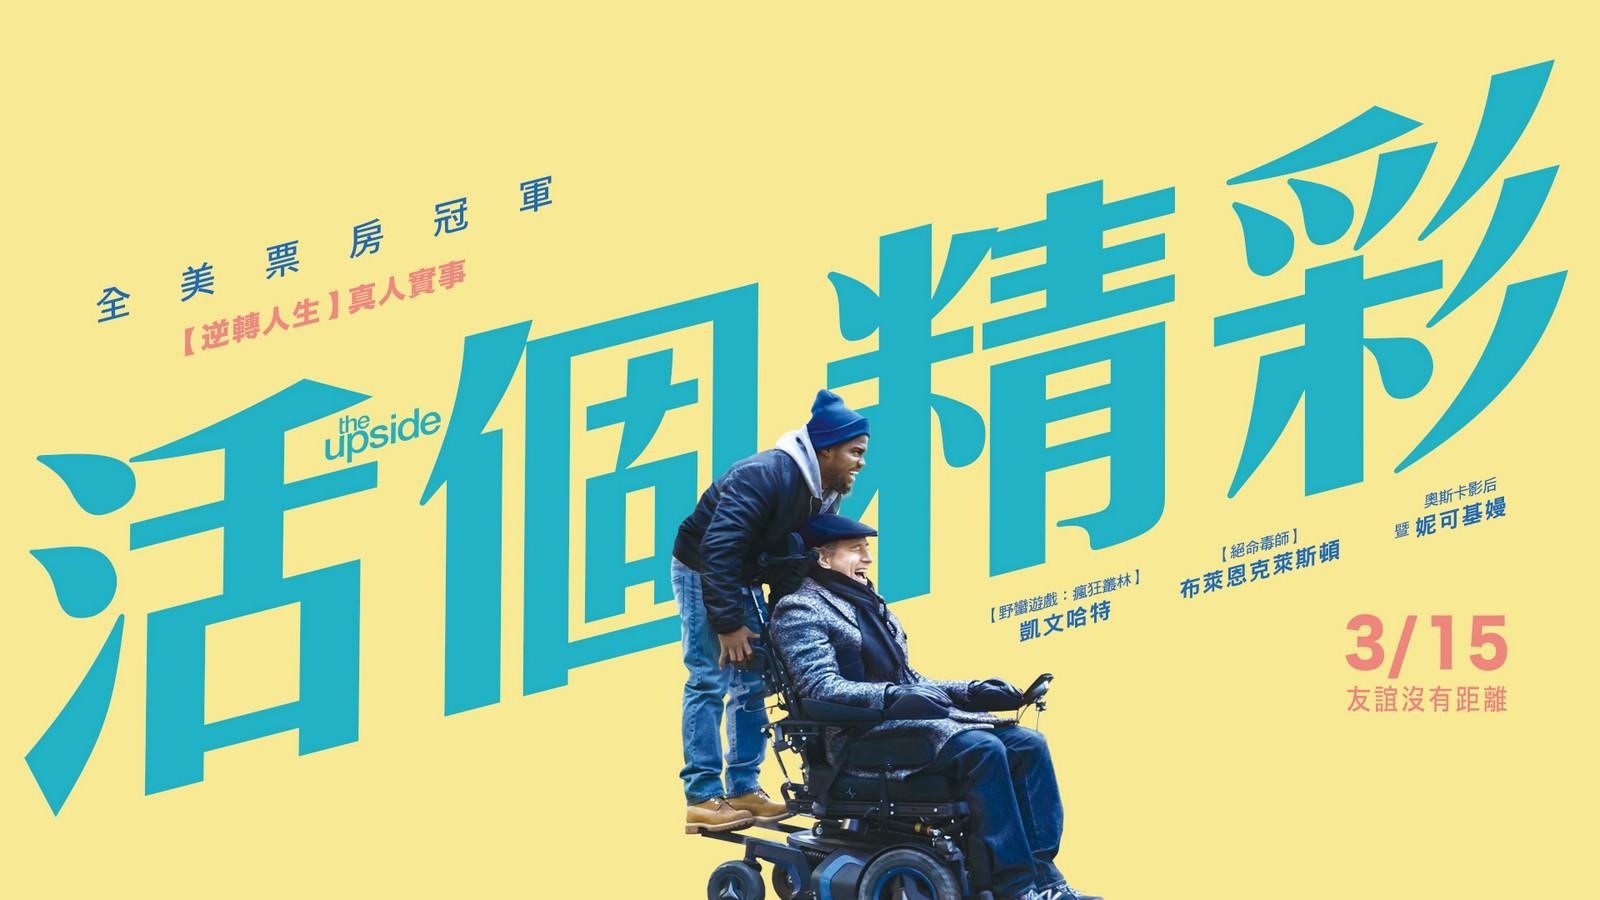 Movie, The Upside(美國, 2017年) / 活個精彩(台灣) / 閃亮人生(香港) / 触不可及(網路), 電影海報, 台灣, 橫版